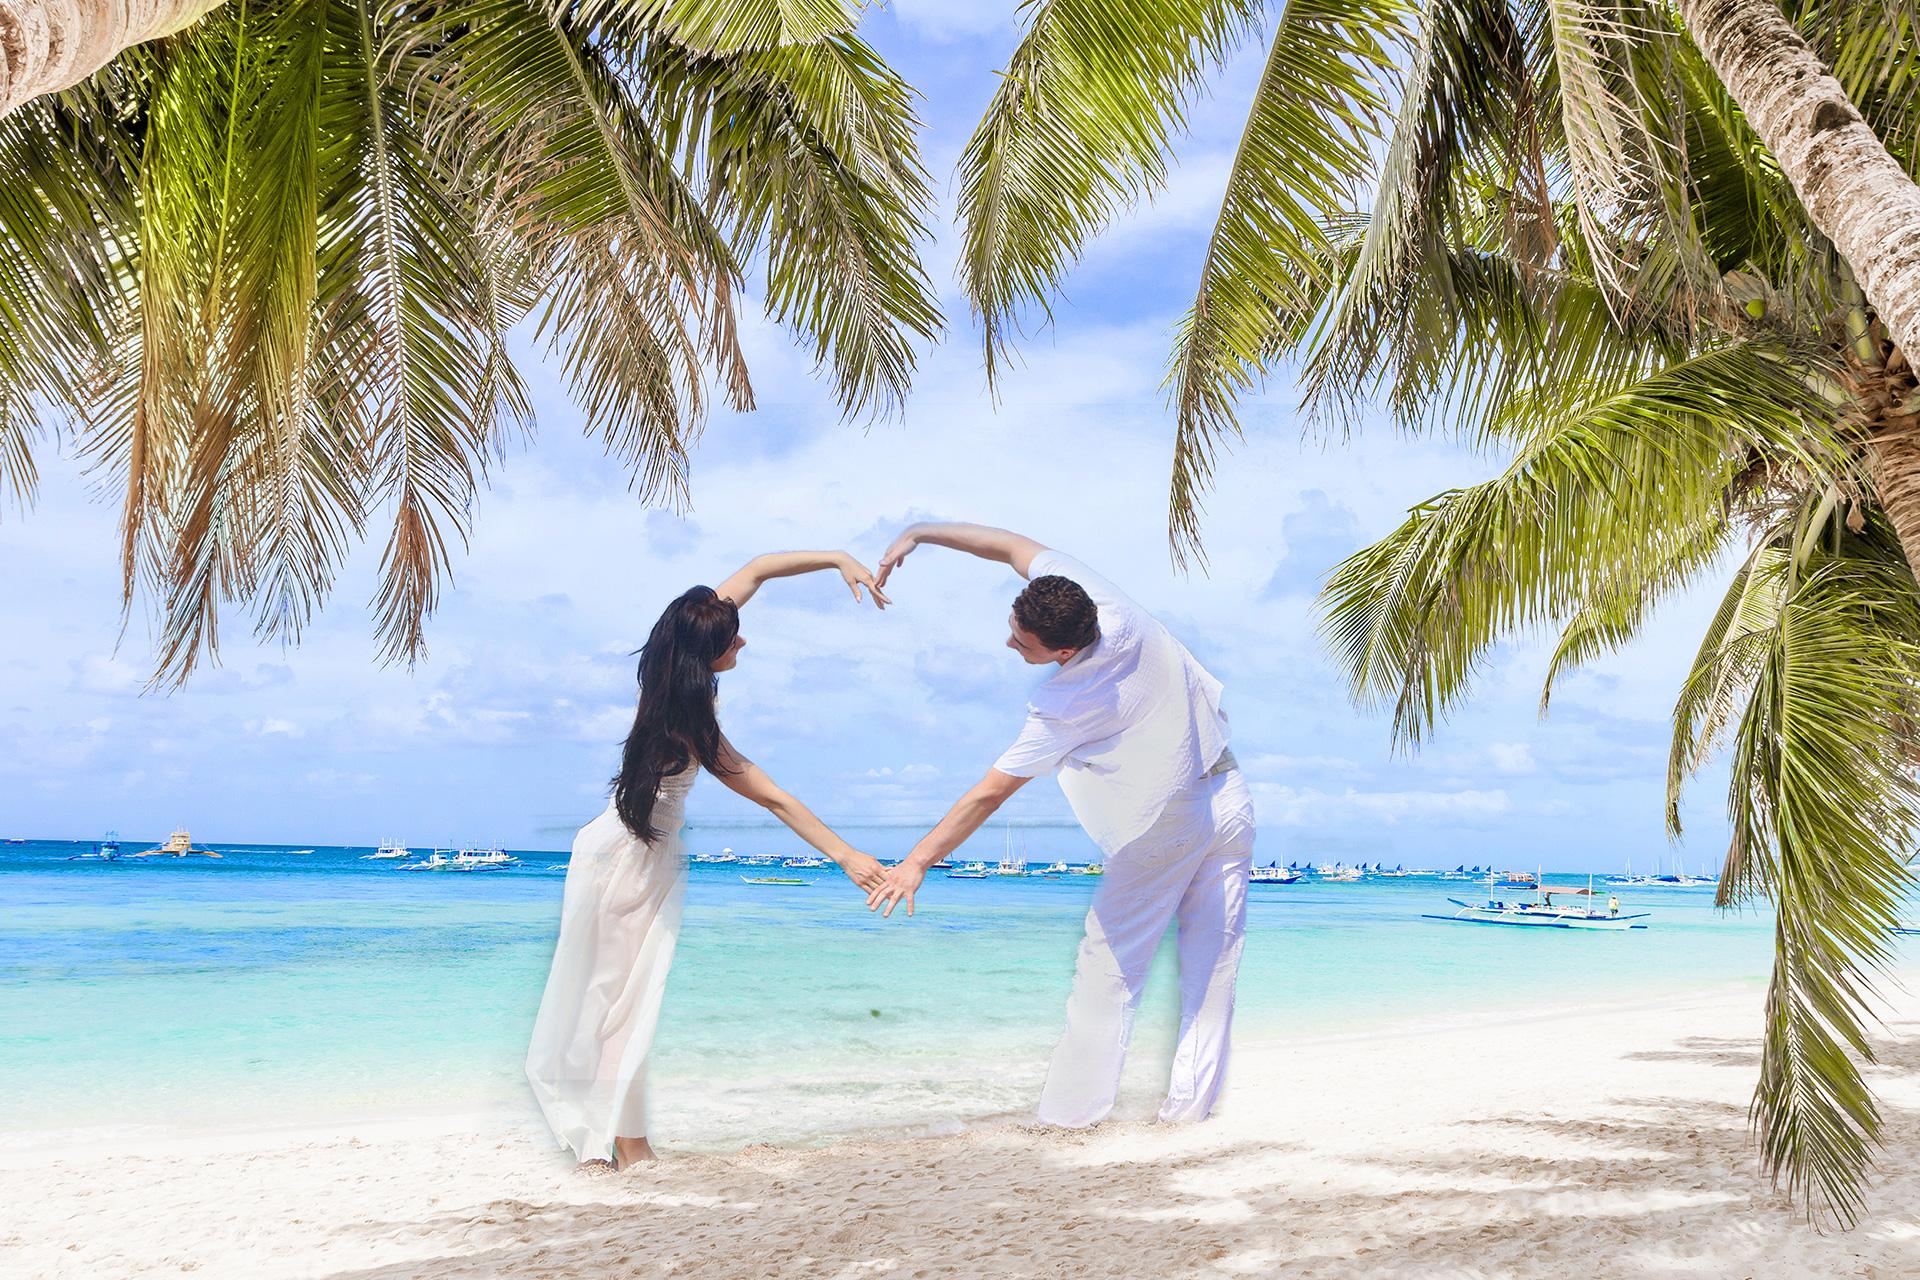 菲律宾长滩岛4晚6天百变自由行【探索海滩度假村